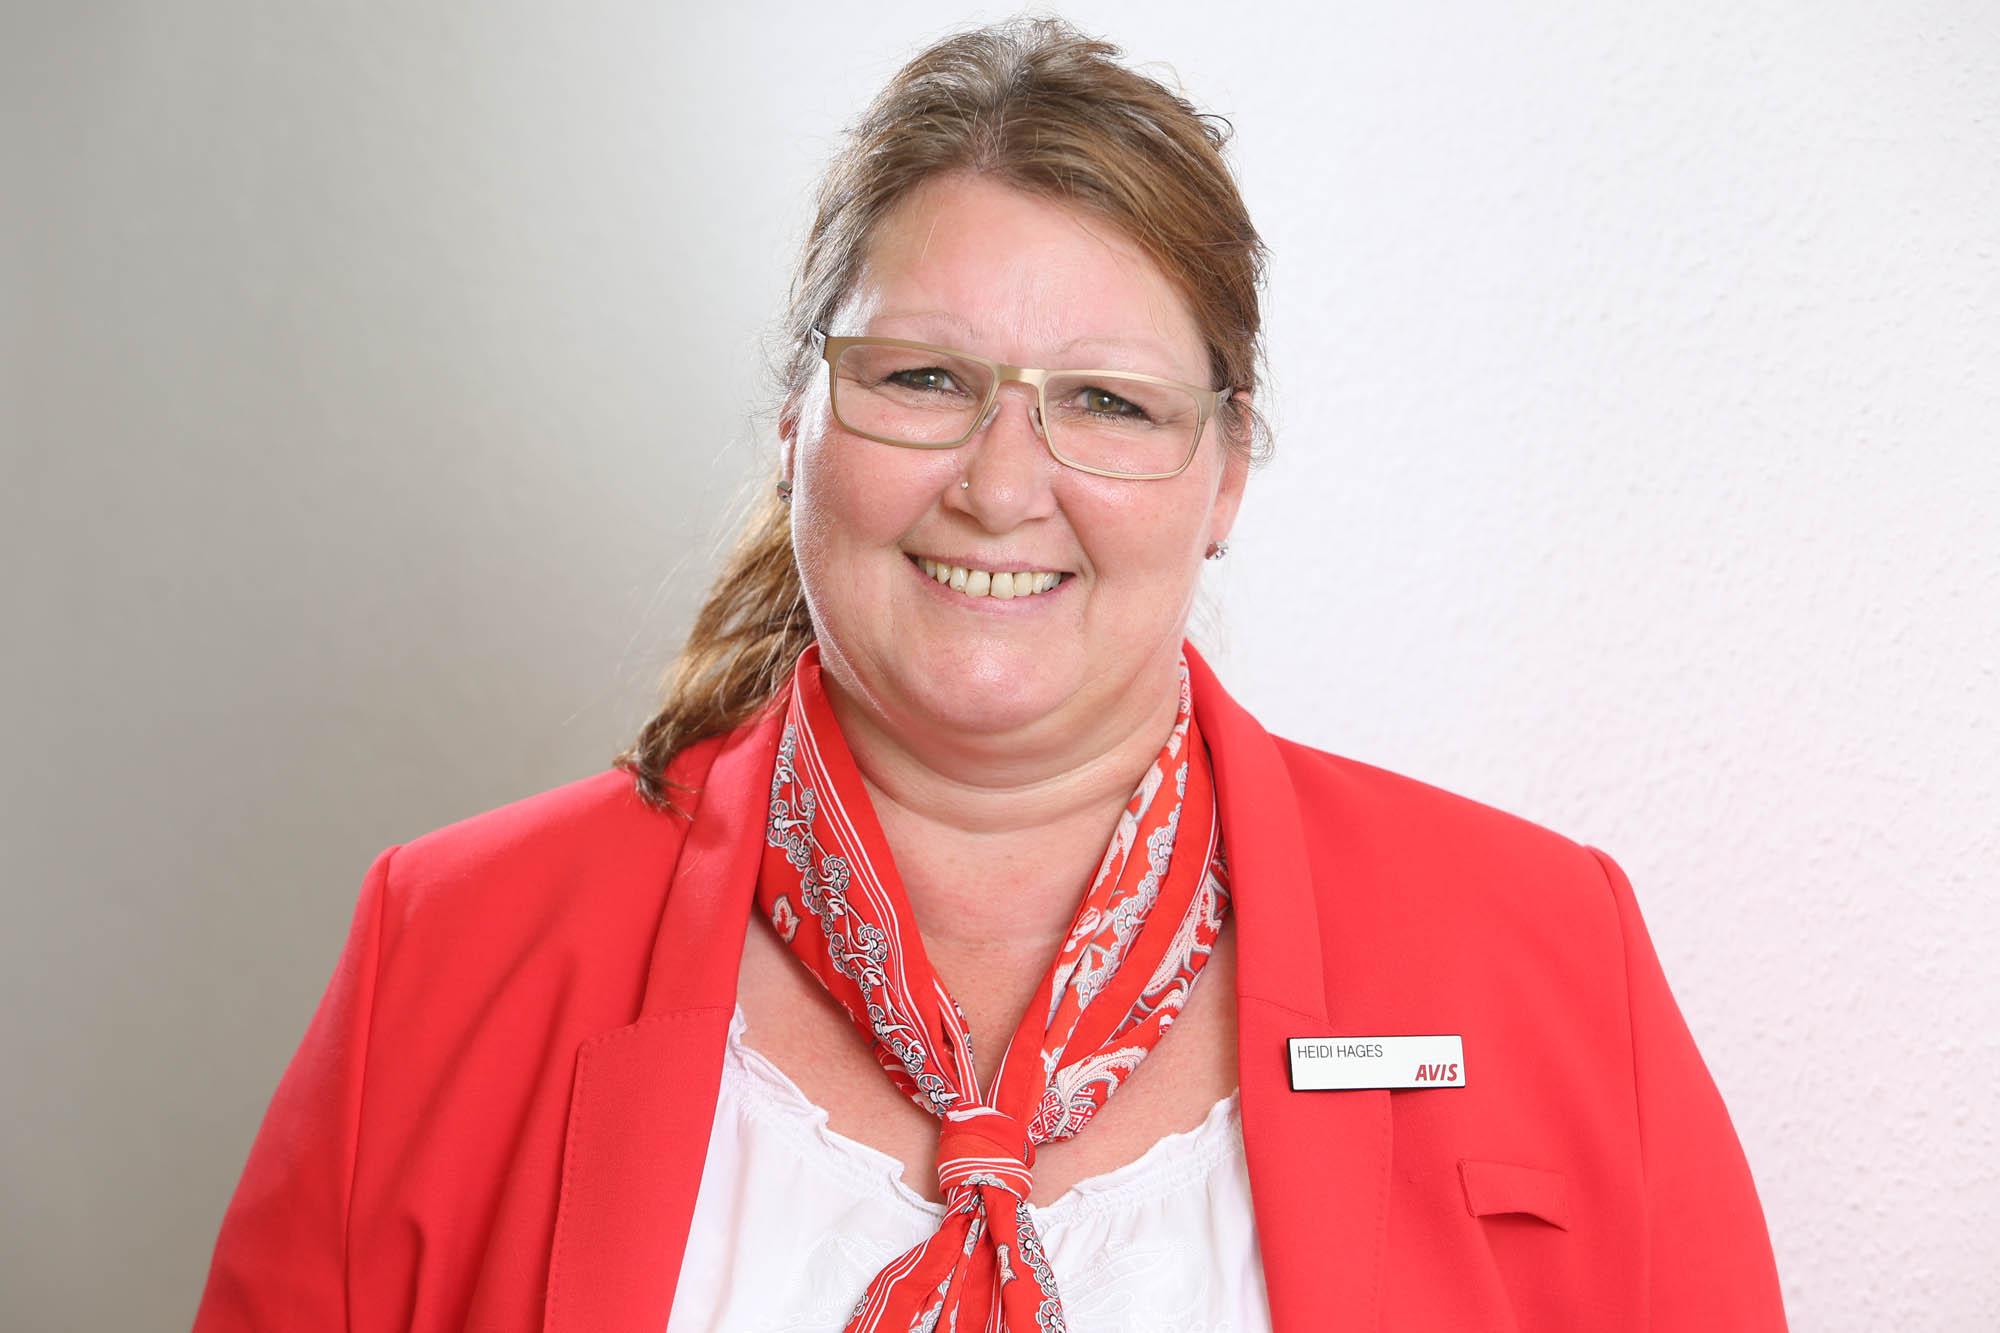 Heidi Hages - Mitarbeiterin in der AVIS Ziemann Autovermietung Bad Oeynhausen